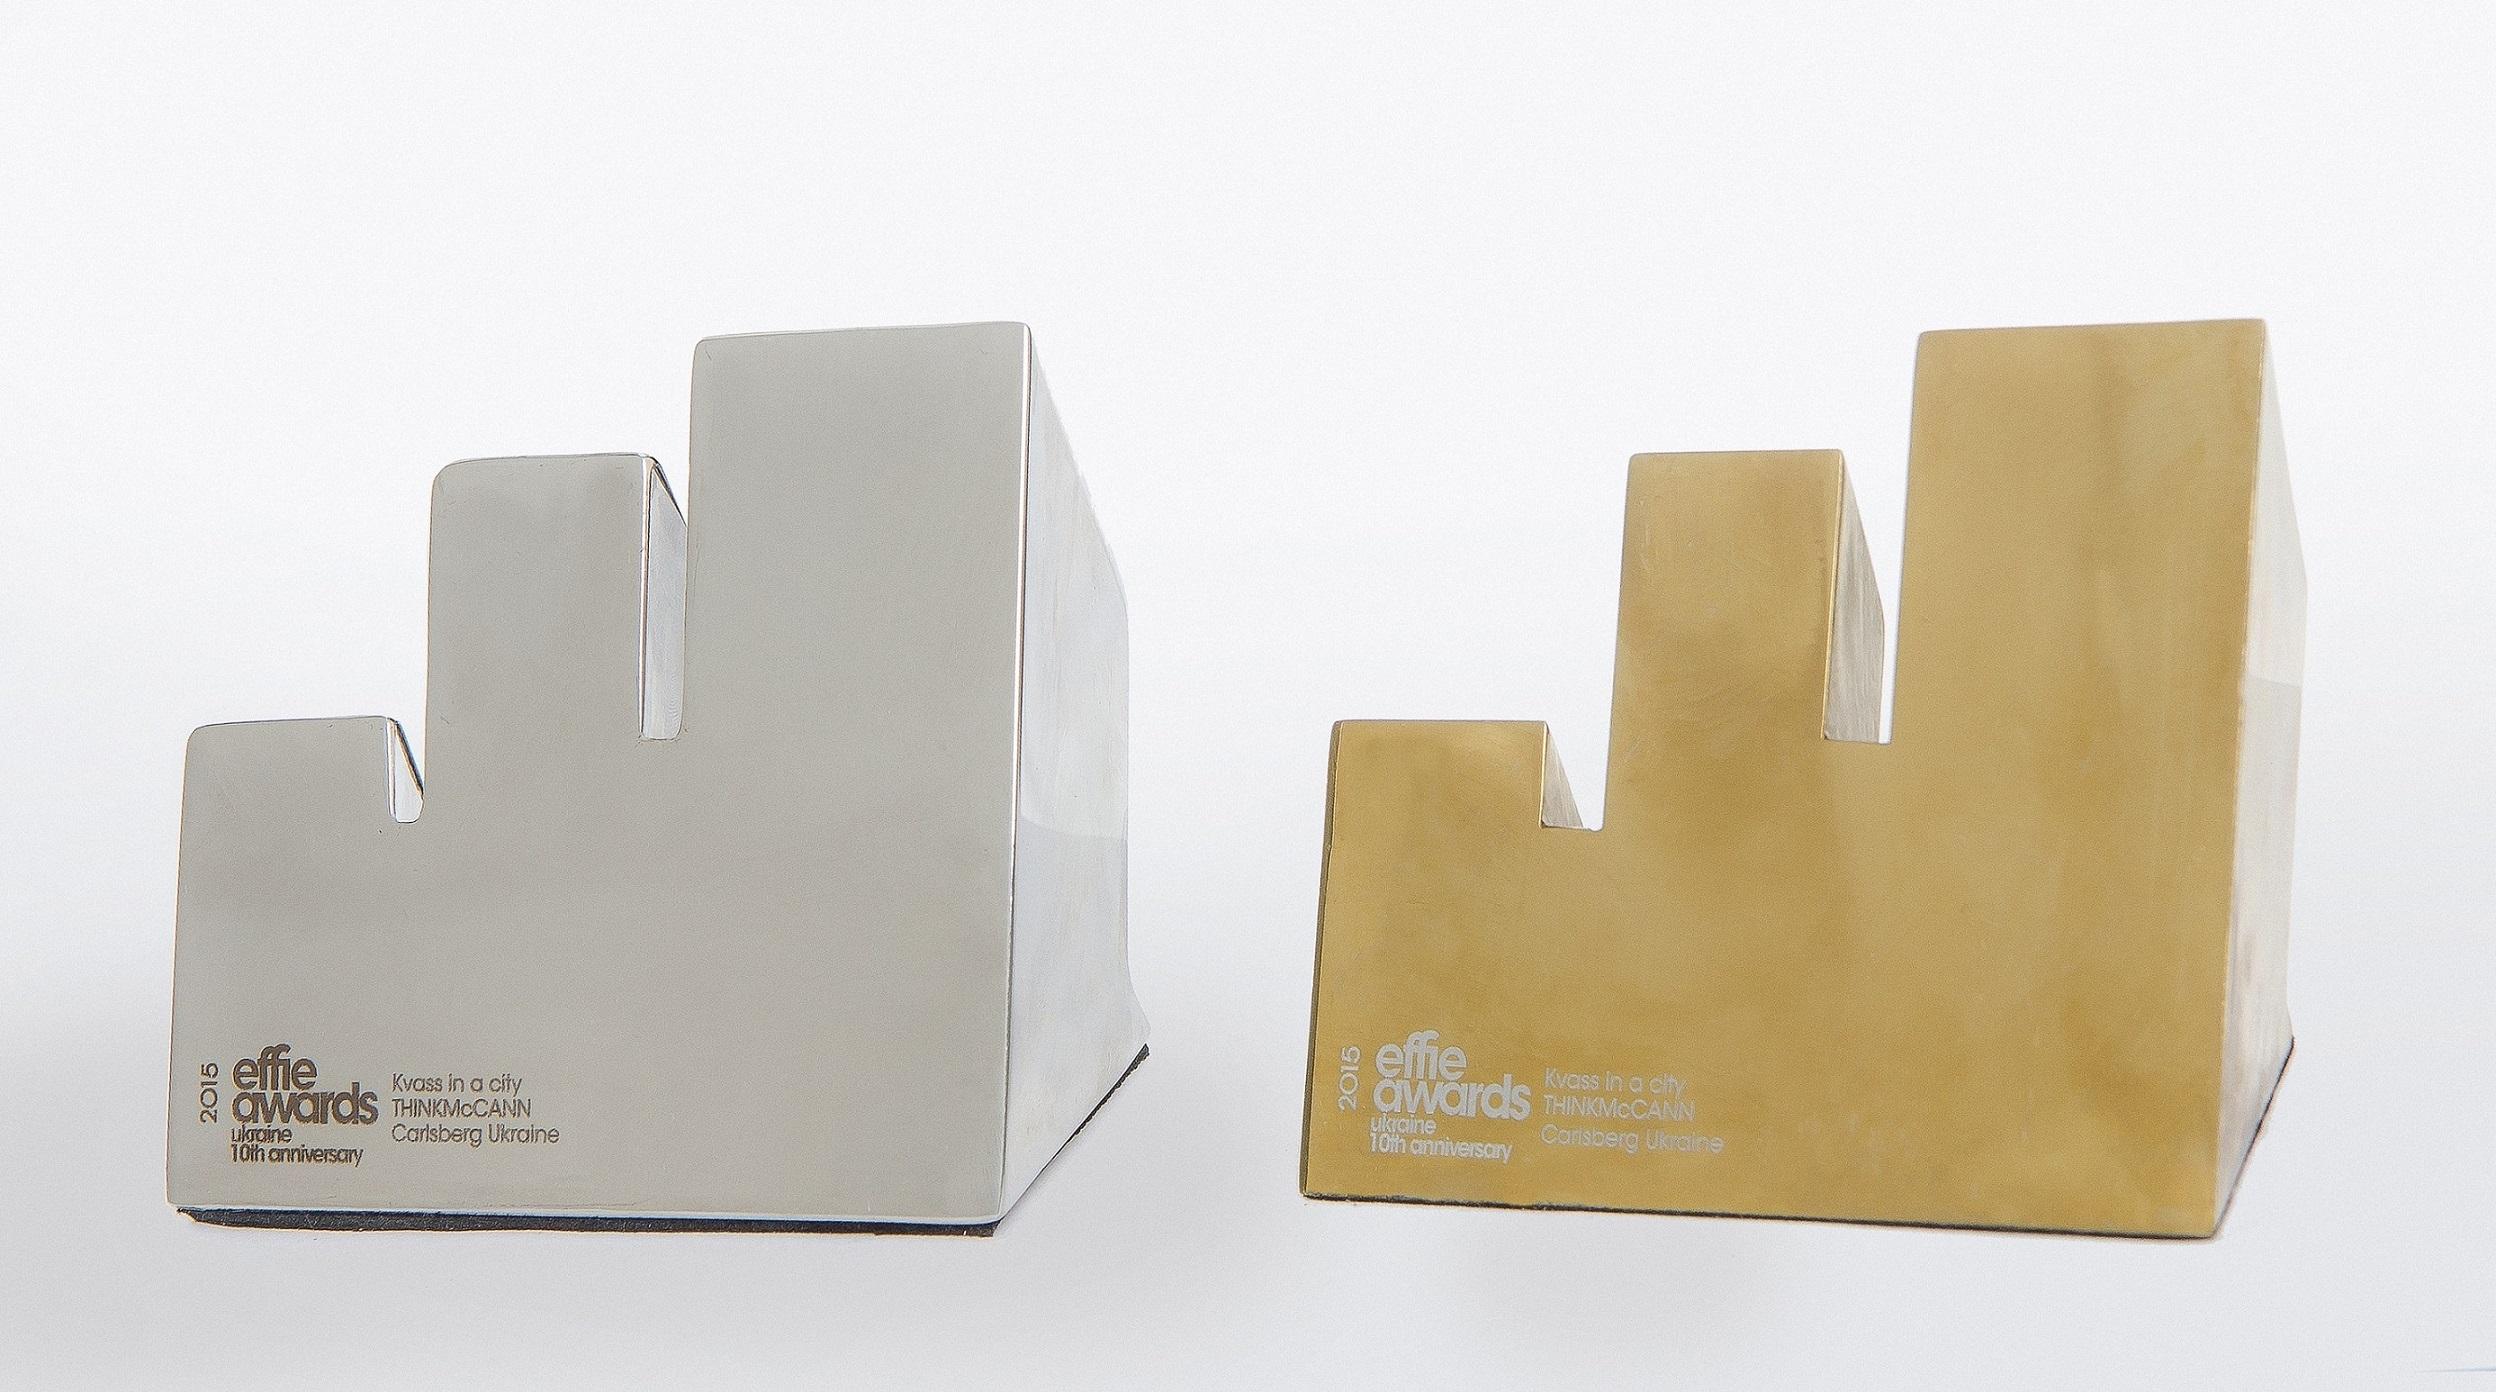 Фото: Компания Carlsberg Ukraine вновь стала обладателем почетных наград Effie Awards.